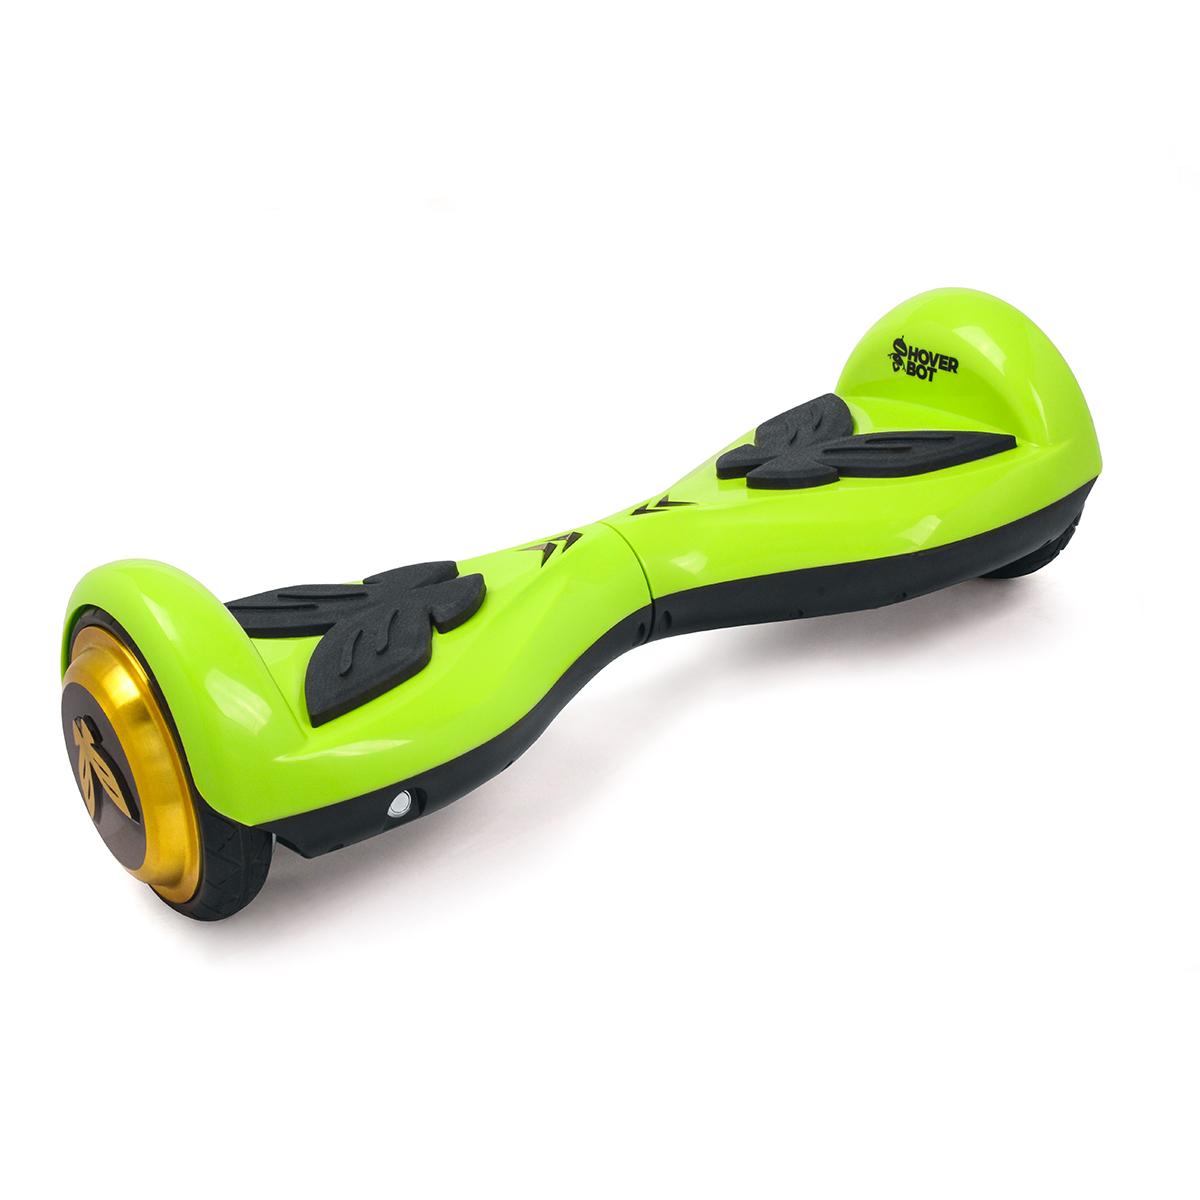 Гироскутер Hoverbot K-2, детский, цвет: зеленыйGK2GNHoverbot K-2 детская модель гироборда. Идеально подойдёт для ребёнка весом до 60 кг, который делает свои первые пробные заезды. Управлять данным устройством очень легко, и ваш ребёнок быстро освоит все азы управления. Педали из мягкой резины выполнены в форме бабочек. Дизайн гироборда оценят девочки любого возраста. Колёса выполнены из прочной резины, колёсные диски имеют золотой цвет. Покупая Hoverbot K-2 вы приобретаете долговечное и безопасное устройство из прочного пластика, в ярком дизайне и с отличными техническими характеристиками. Технические характеристики: Возможная дистанция: 10 км Максимальная скорость: 5 км/ч Аккумулятор: Lithium 42V 2.2 AH Размер колеса: 4,5 d Мощность мотора: 2 х 250W Максимальная нагрузка: 60 кг Время заряда/сеть: 60 мин/220В Вес нетто: 6 кг Вес брутто: 8 кг Влагозащита: IP54, Условия эксплуатации: -10°C + 50°C. Комплектация: Зарядное устройство, гарантийный талон, сертификат, инструкция